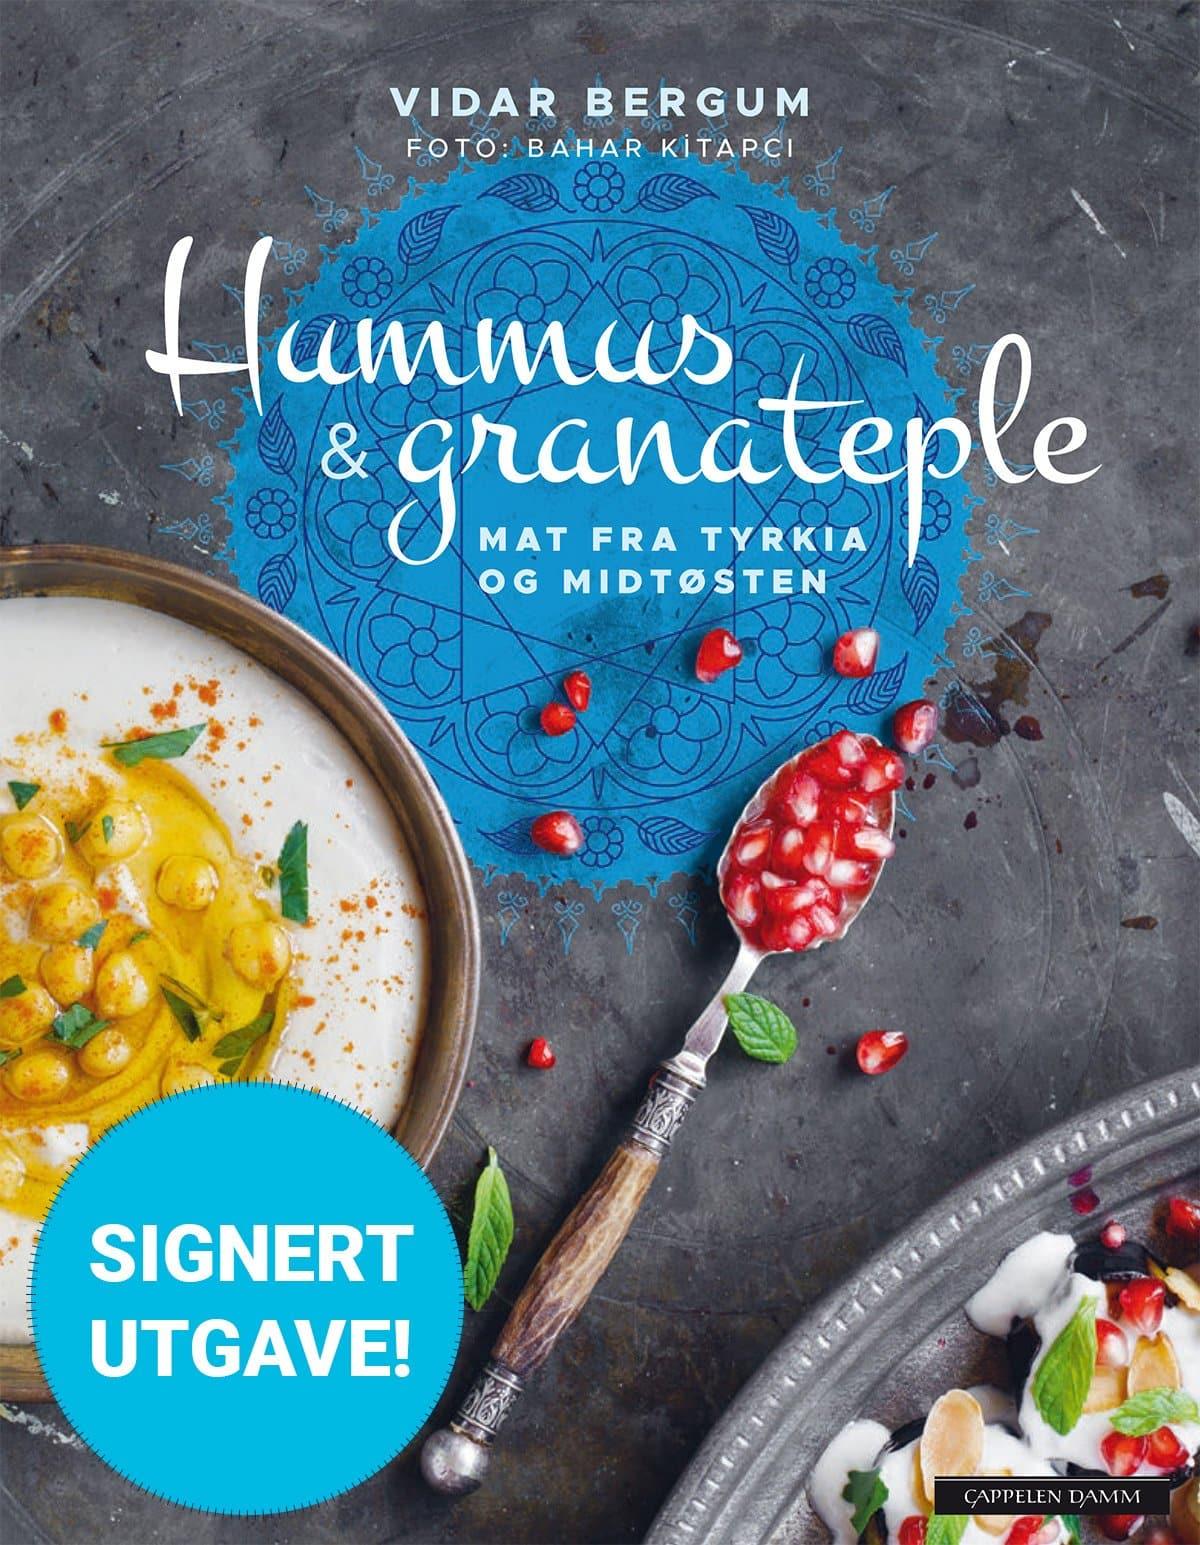 Hummus & granateple av Vidar Bergum – signert utgave